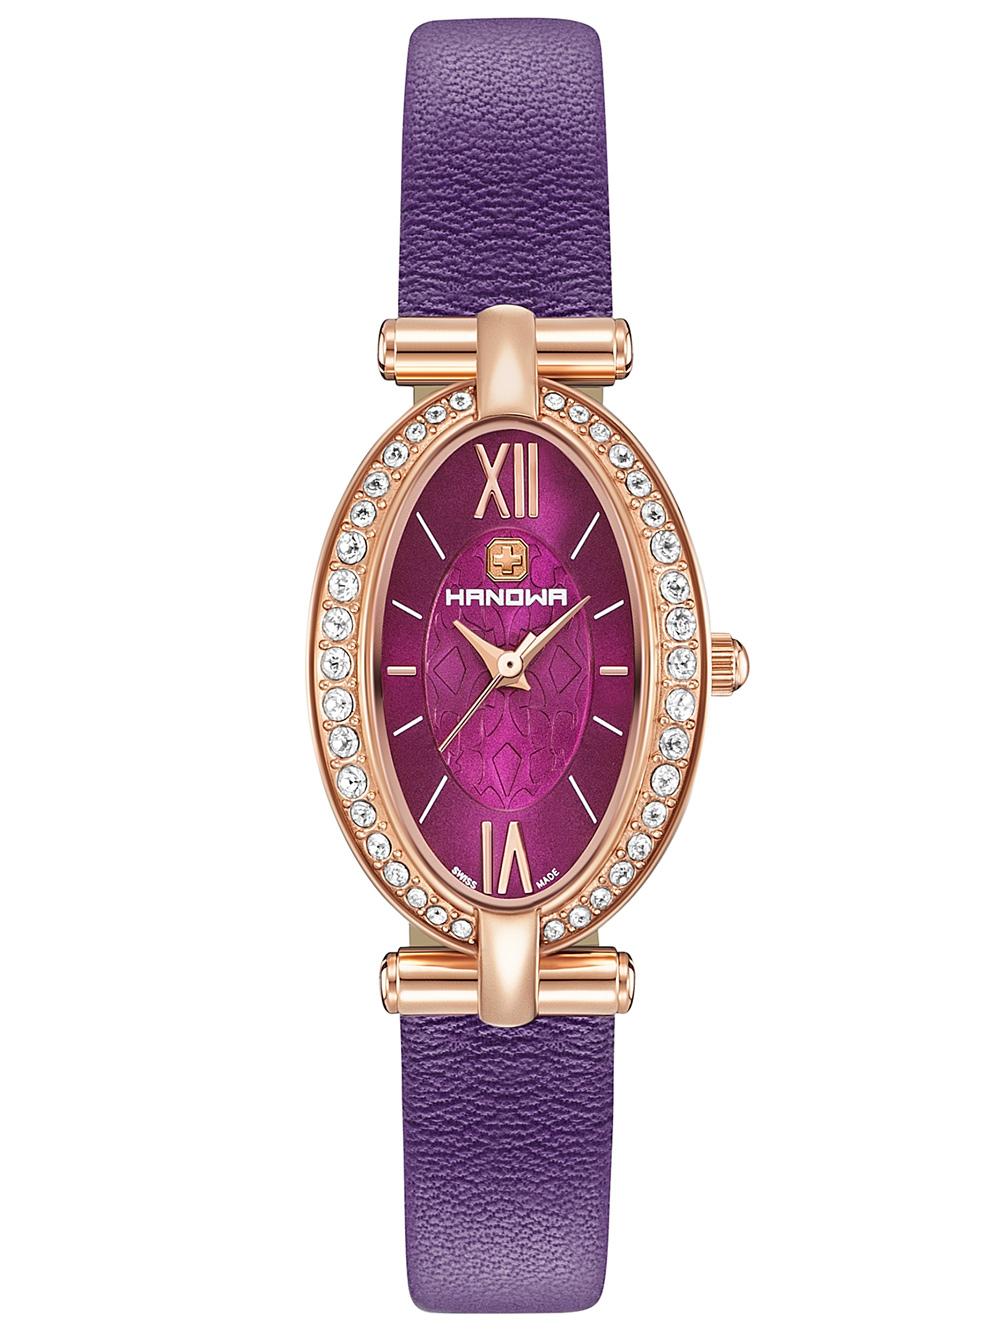 Uhren - Hanowa 16 6074.09.013 Millie Damen 22mm 3ATM  - Onlineshop Timeshop24